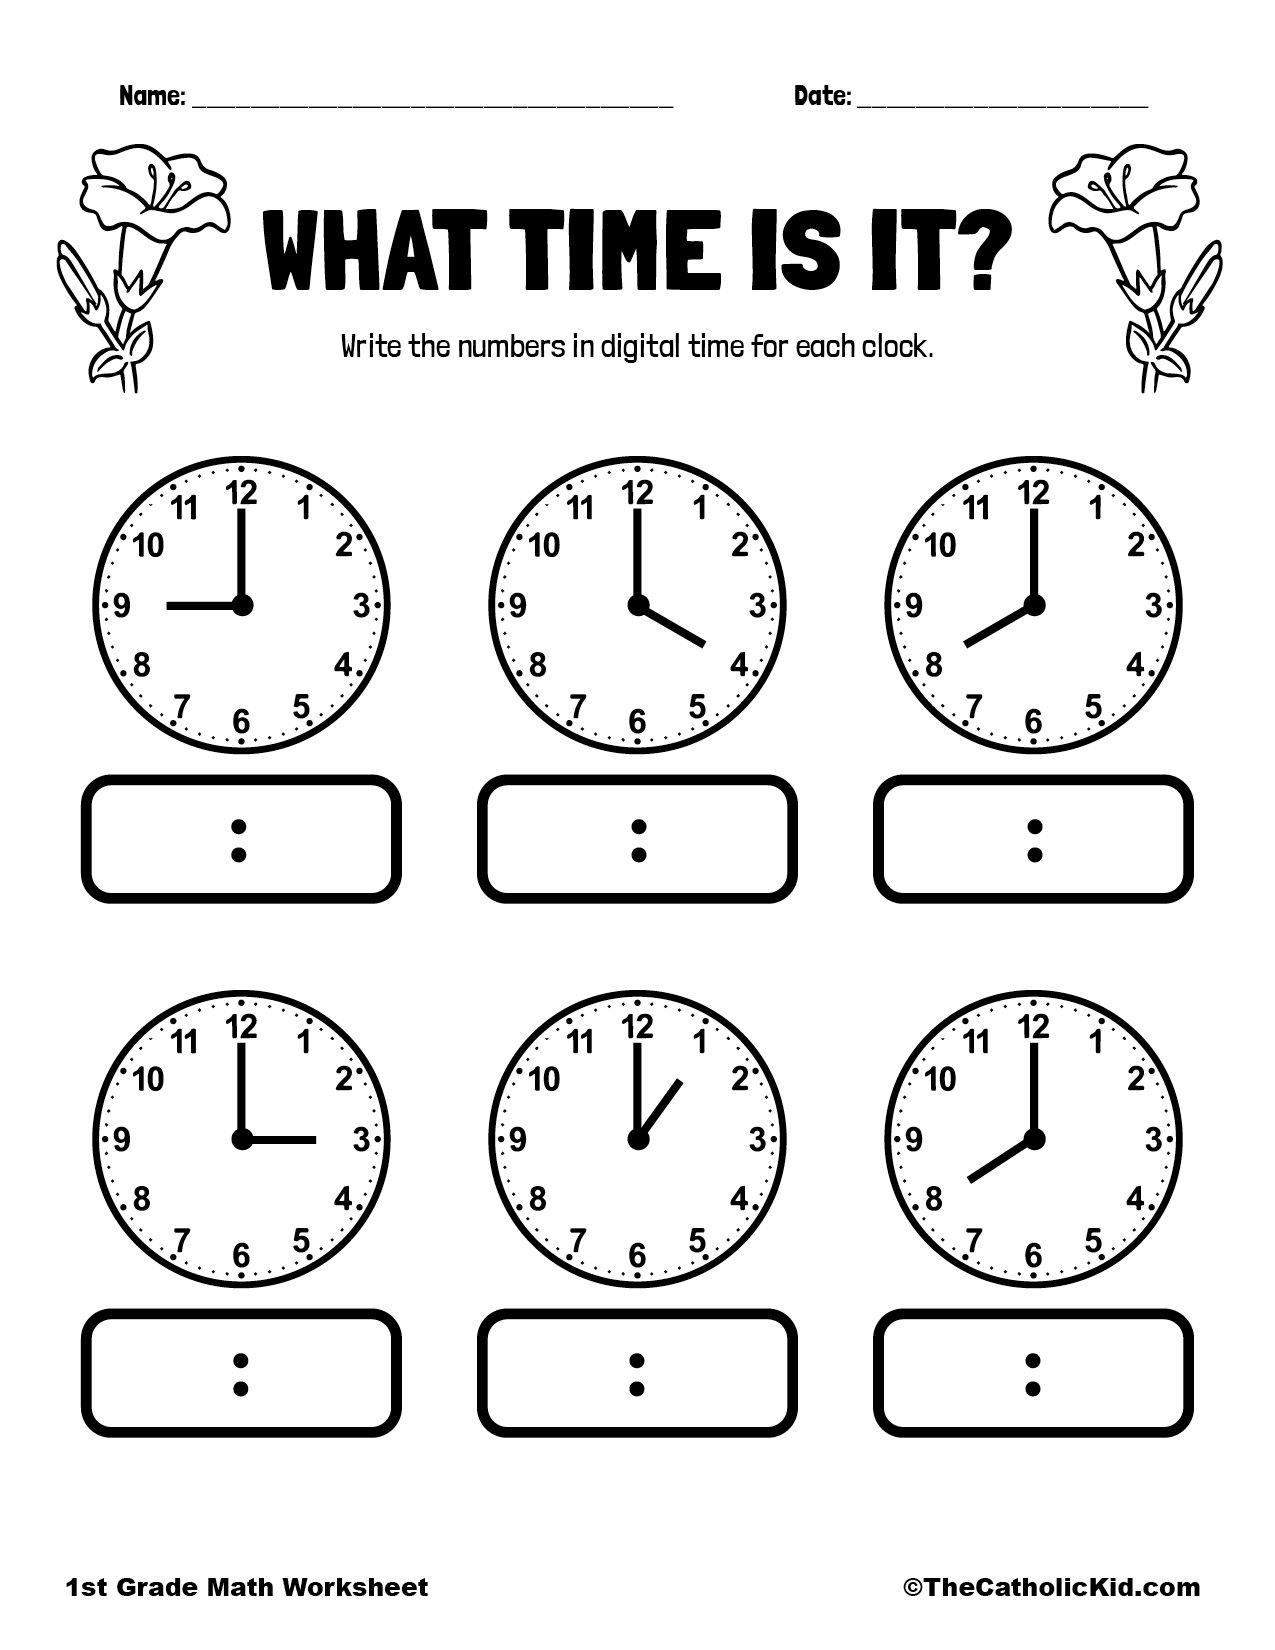 1st Grade Math Catholic Themed Worksheet Time